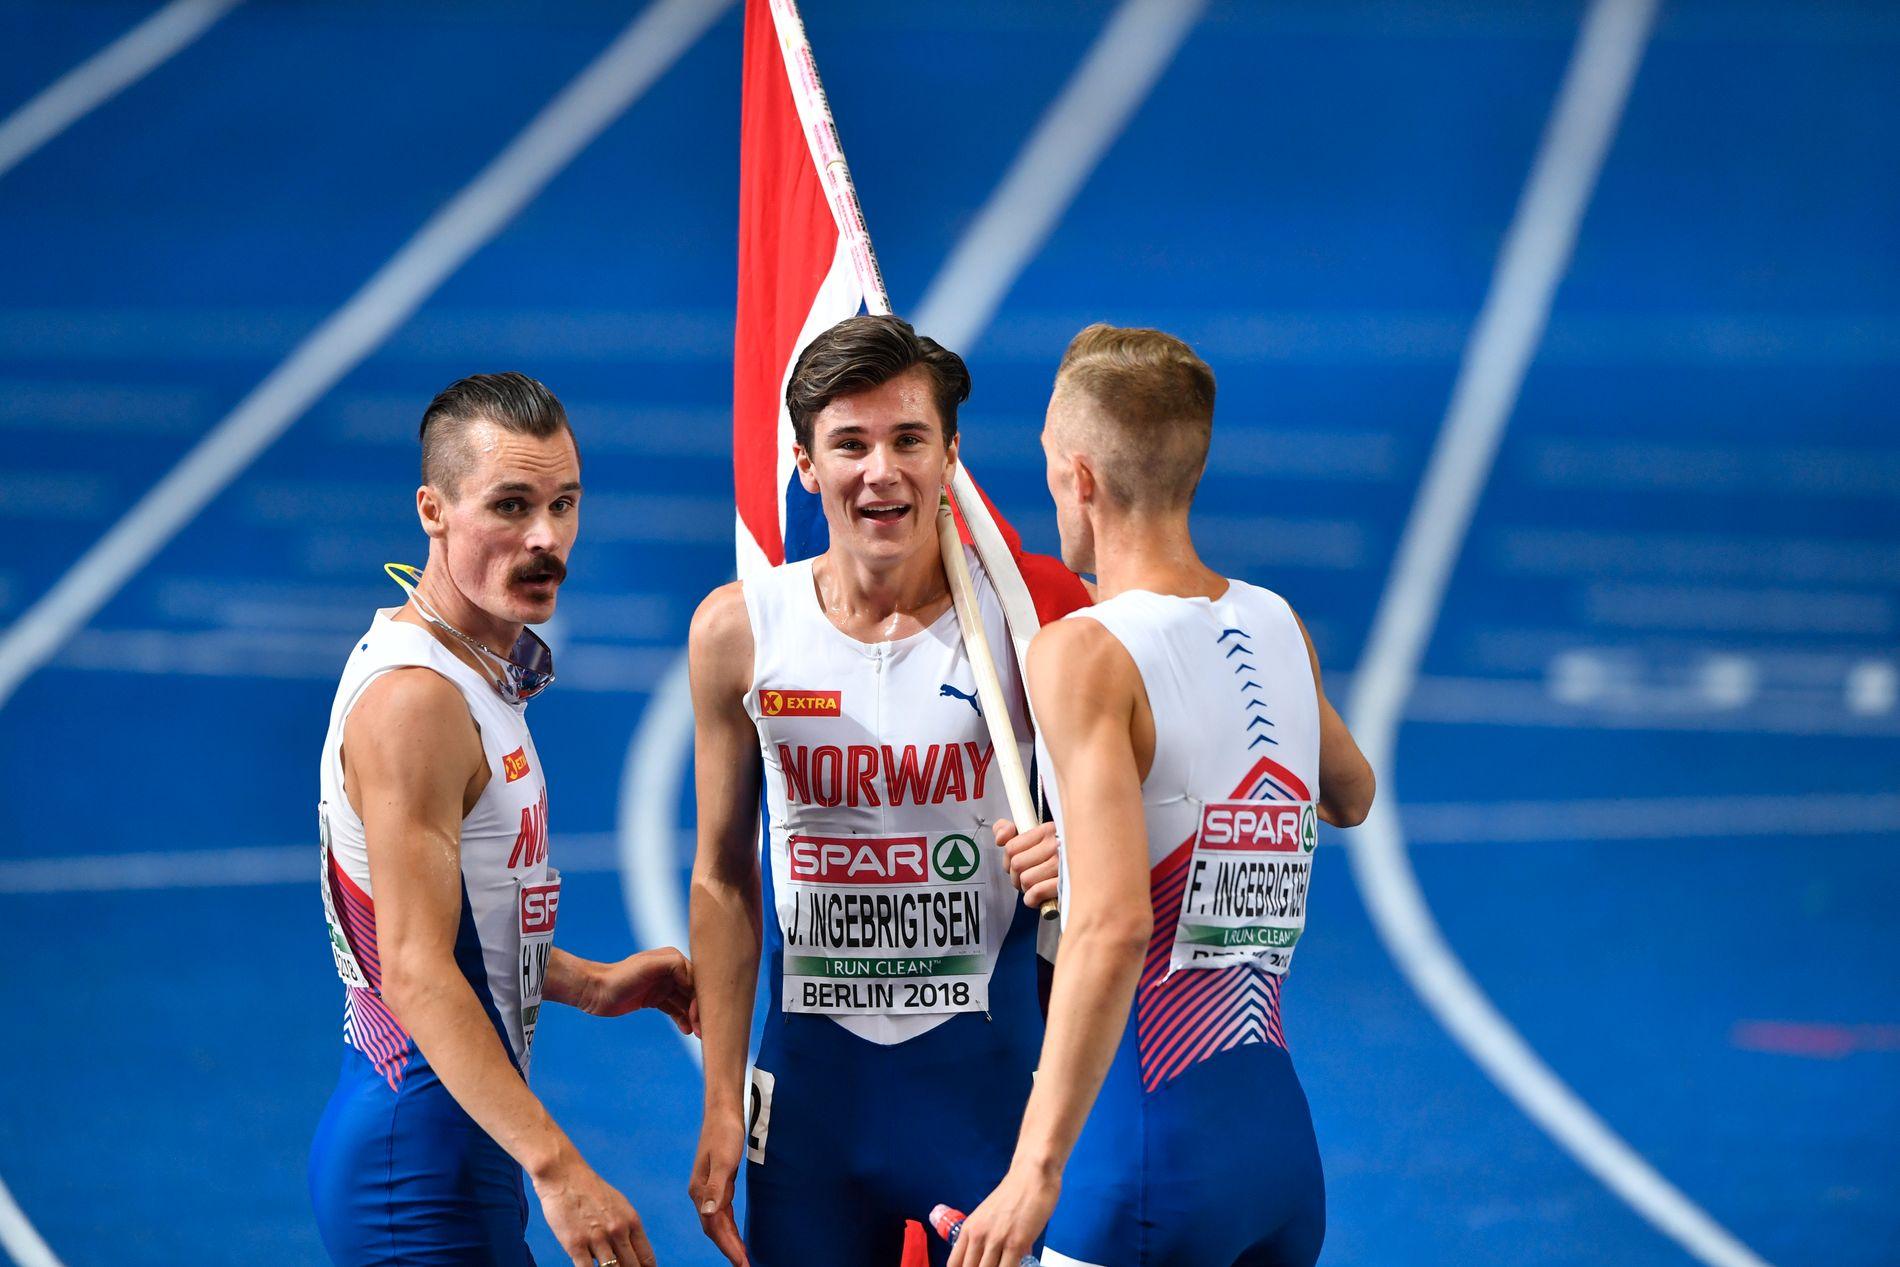 HAR KJEMPET FOR Å BLI BEST: Henrik, Jakob og Filip Ingebrigtsen har møtt motstand på veien mot suksess.